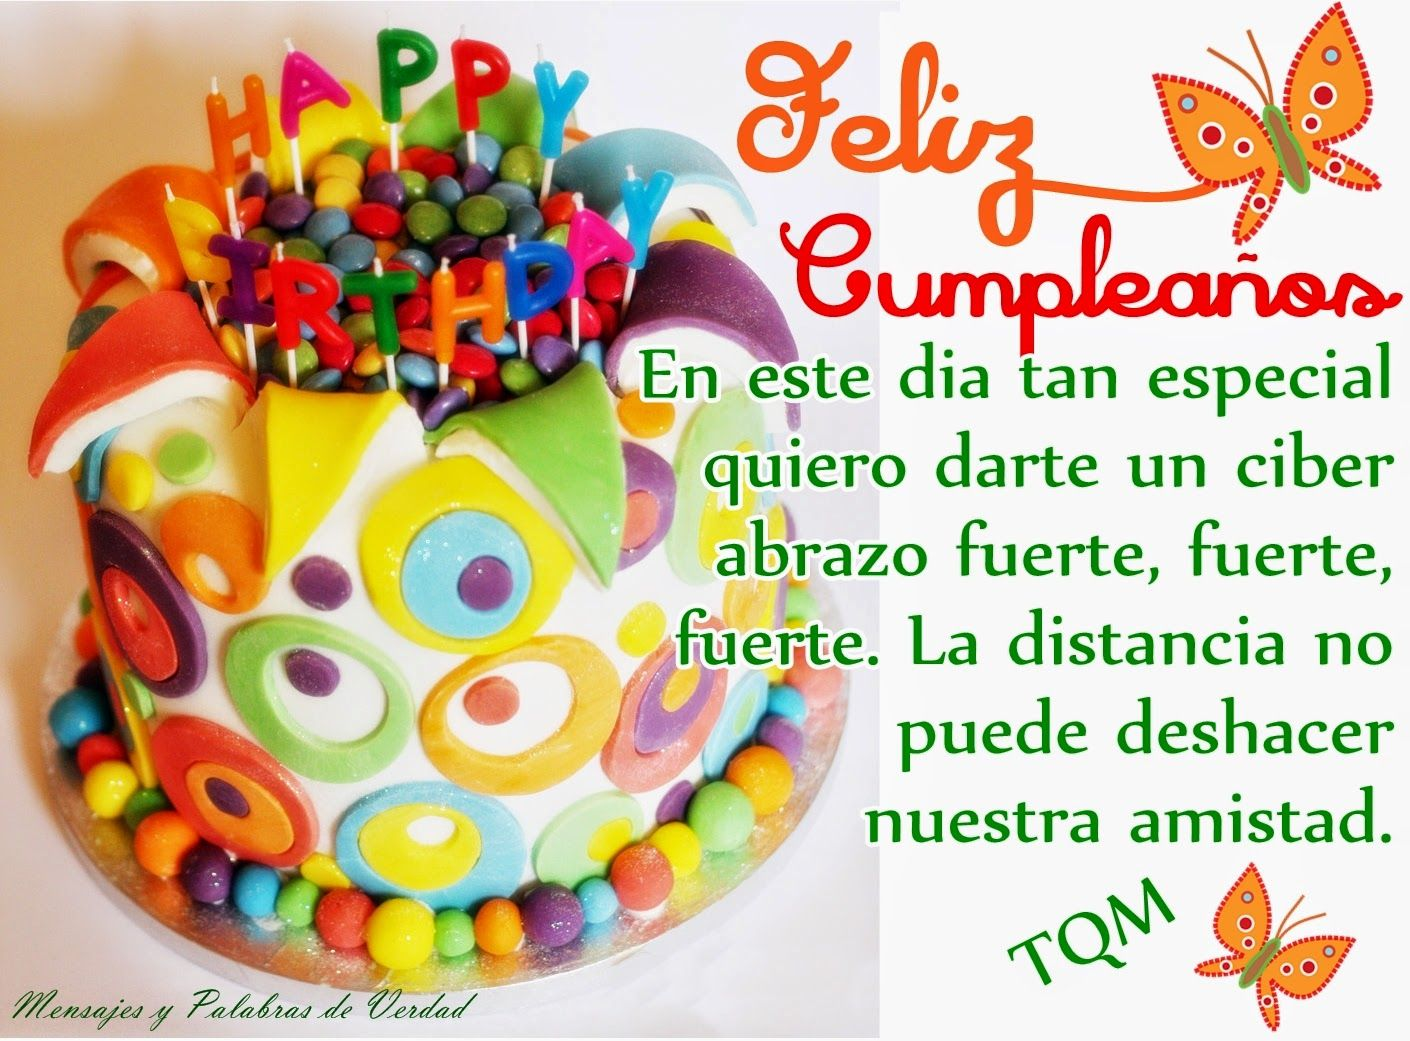 Tarjetas De Cumpleaños Keep Calm Para Imprimir En Hd 14 en HD Gratis Cosas mías Pinterest